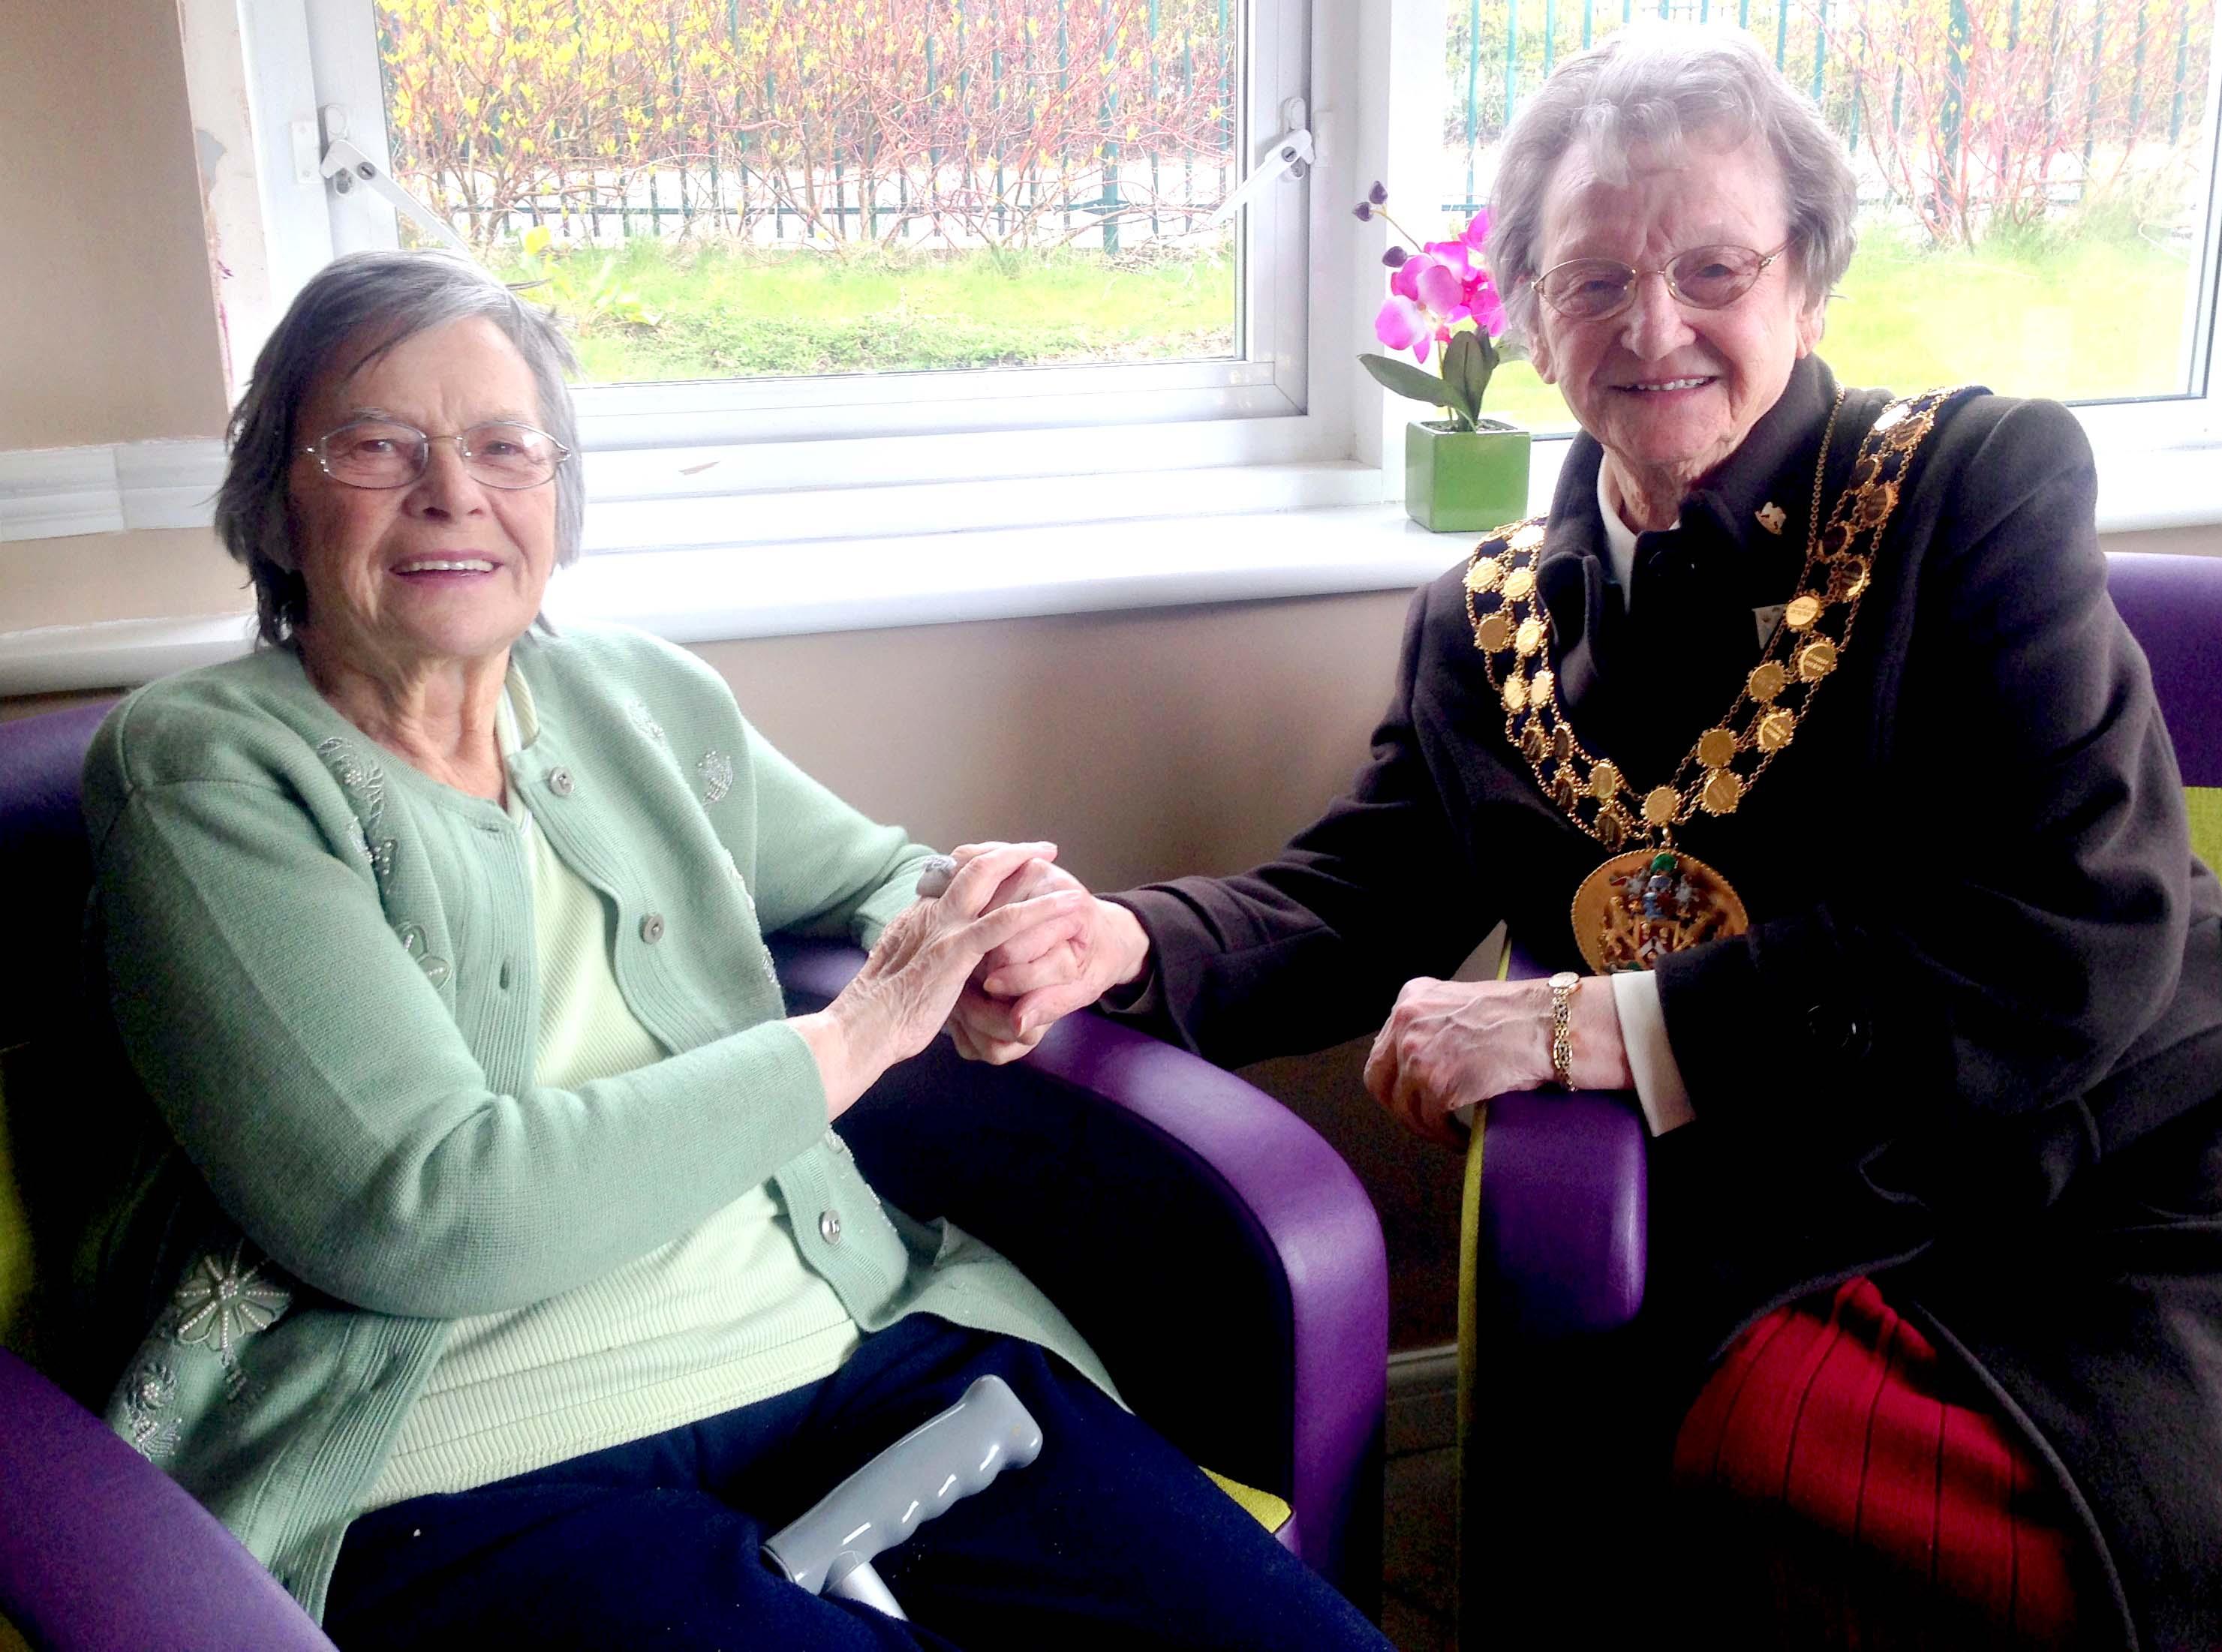 Mayor Opens Care Home Coffee Bar